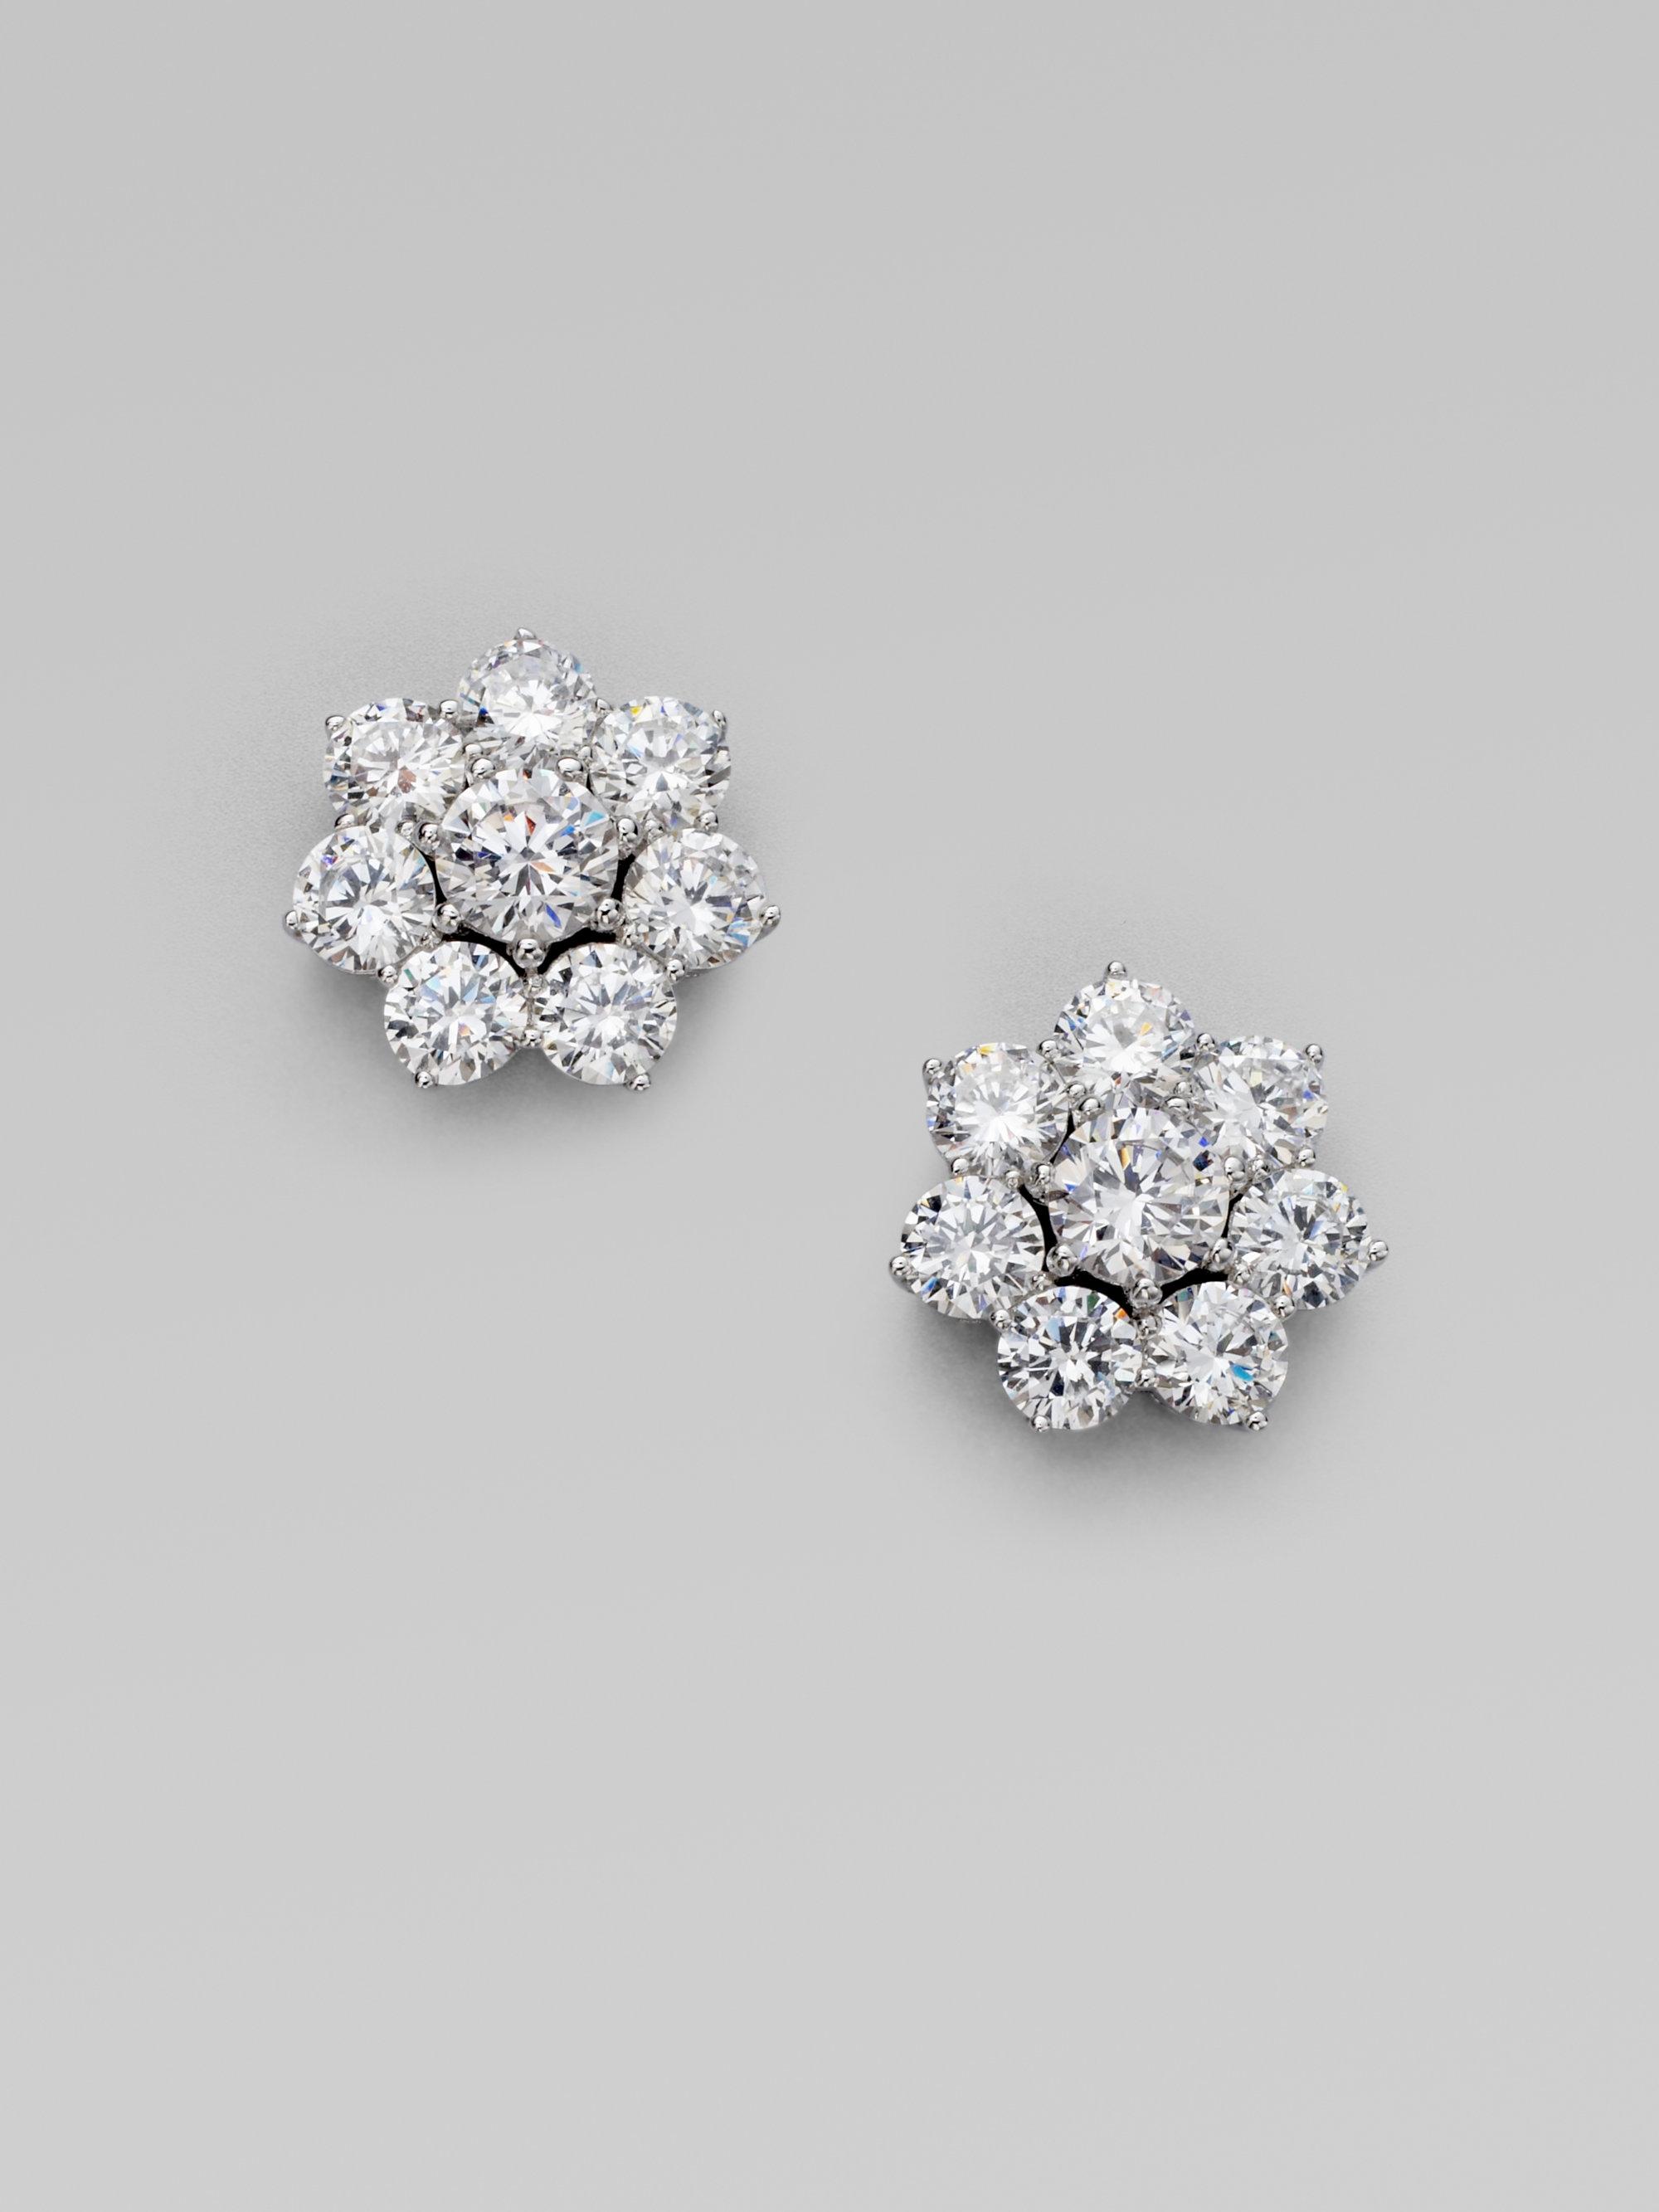 Adriana orsini Sterling Silver Flower Stud Earrings in